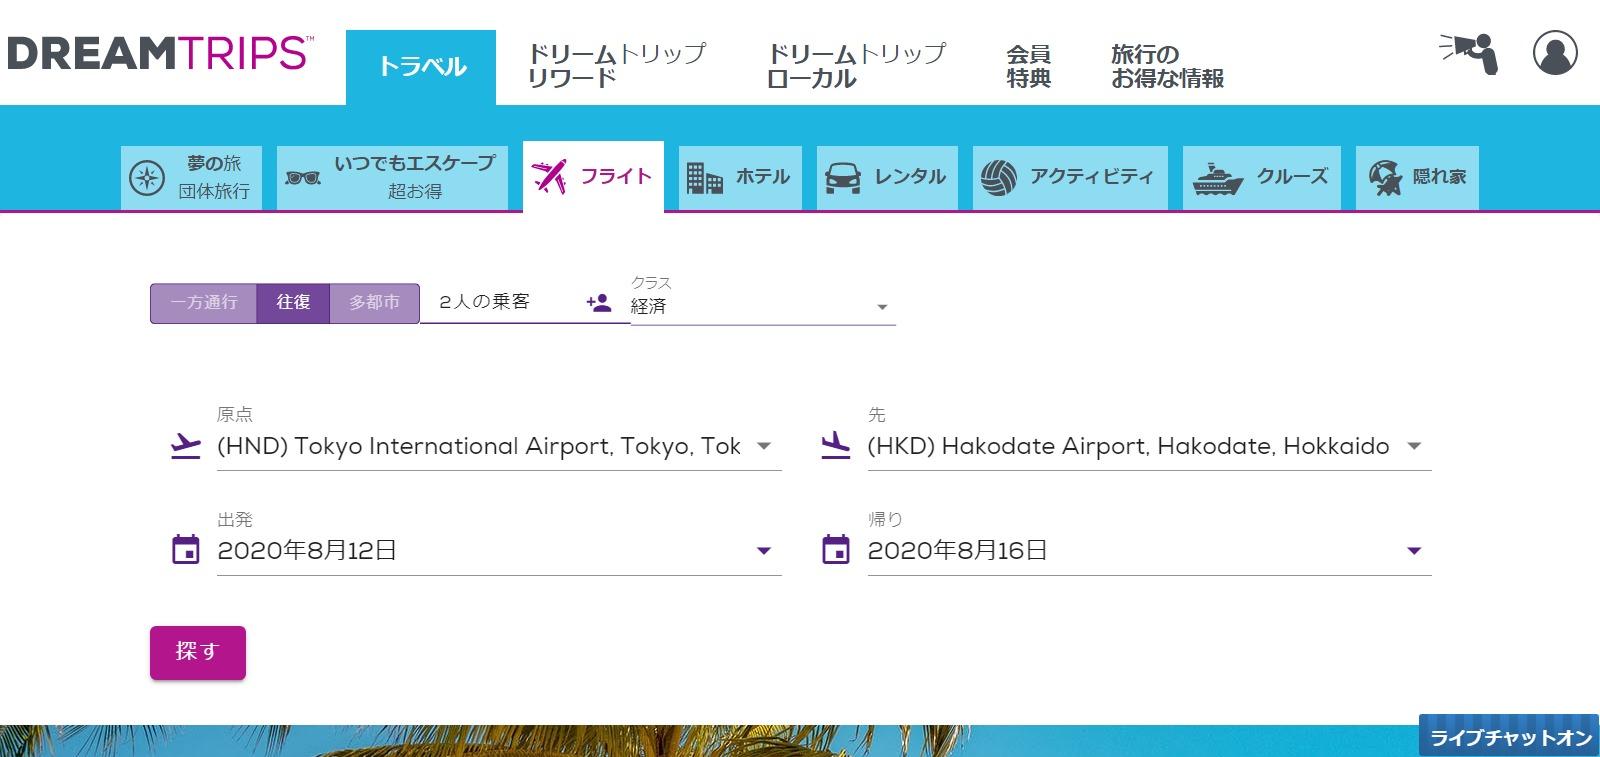 航空券予約